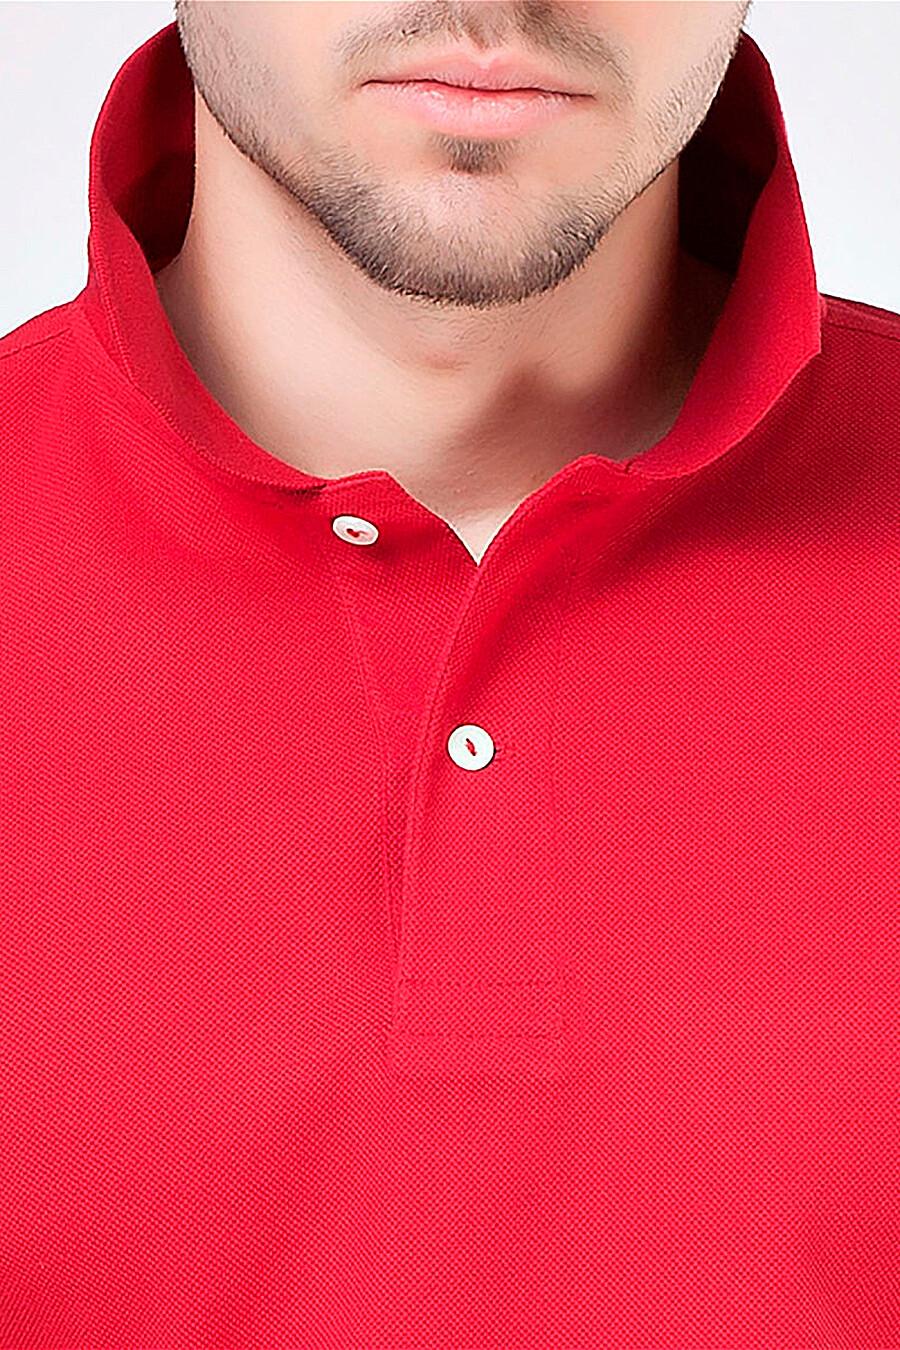 Футболка для мужчин OPIUM 649381 купить оптом от производителя. Совместная покупка мужской одежды в OptMoyo